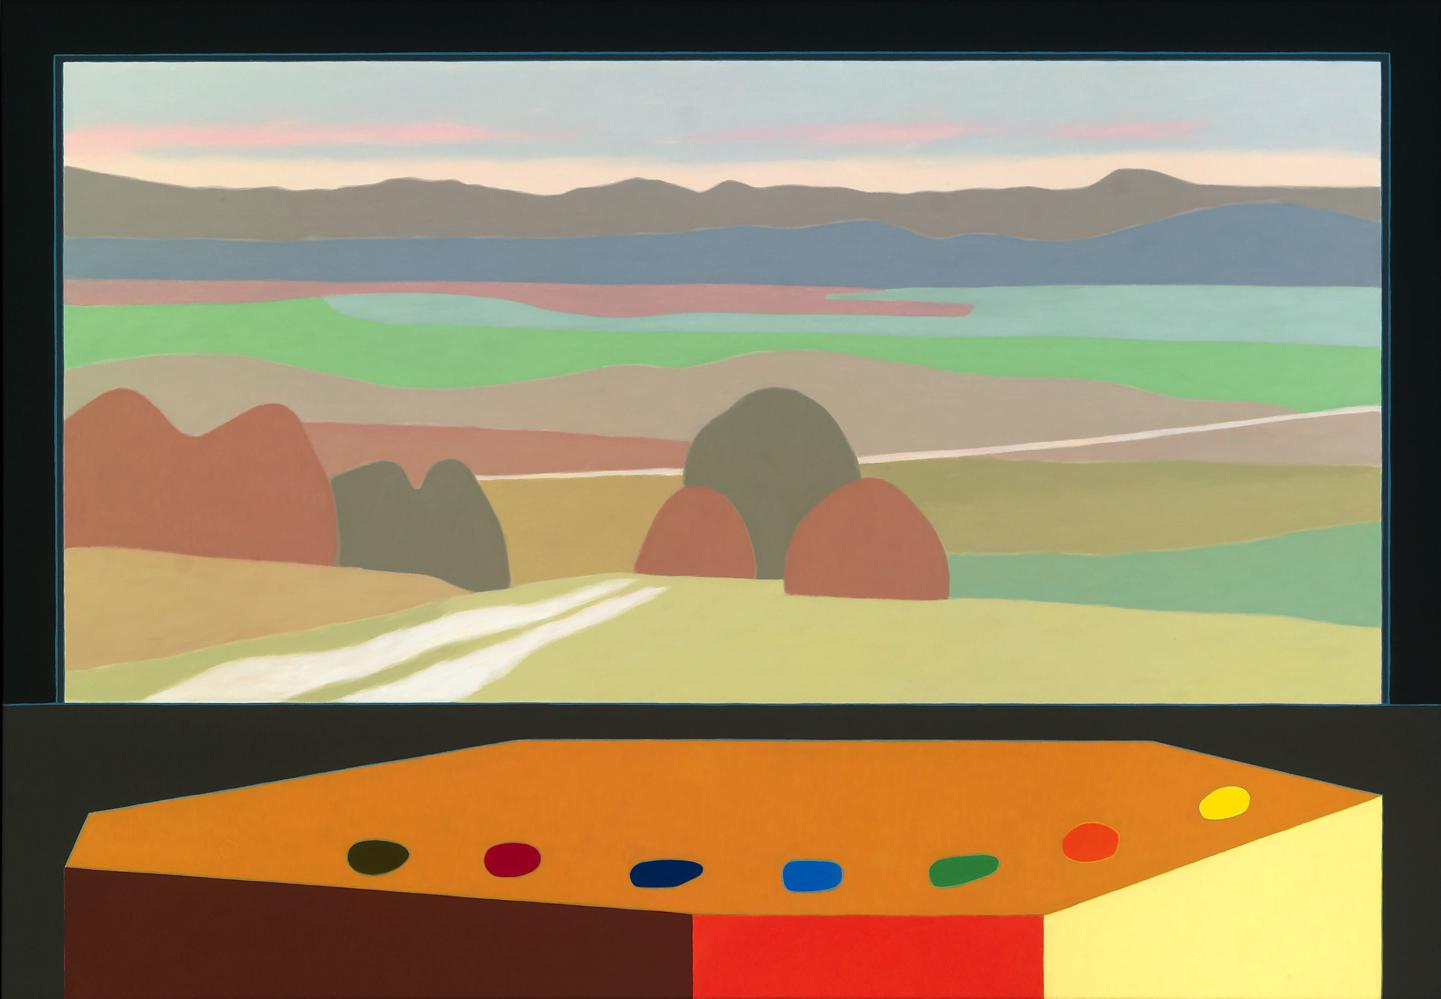 Siete piedras, 81 x 116 cm, óleo lienzo, 2015.